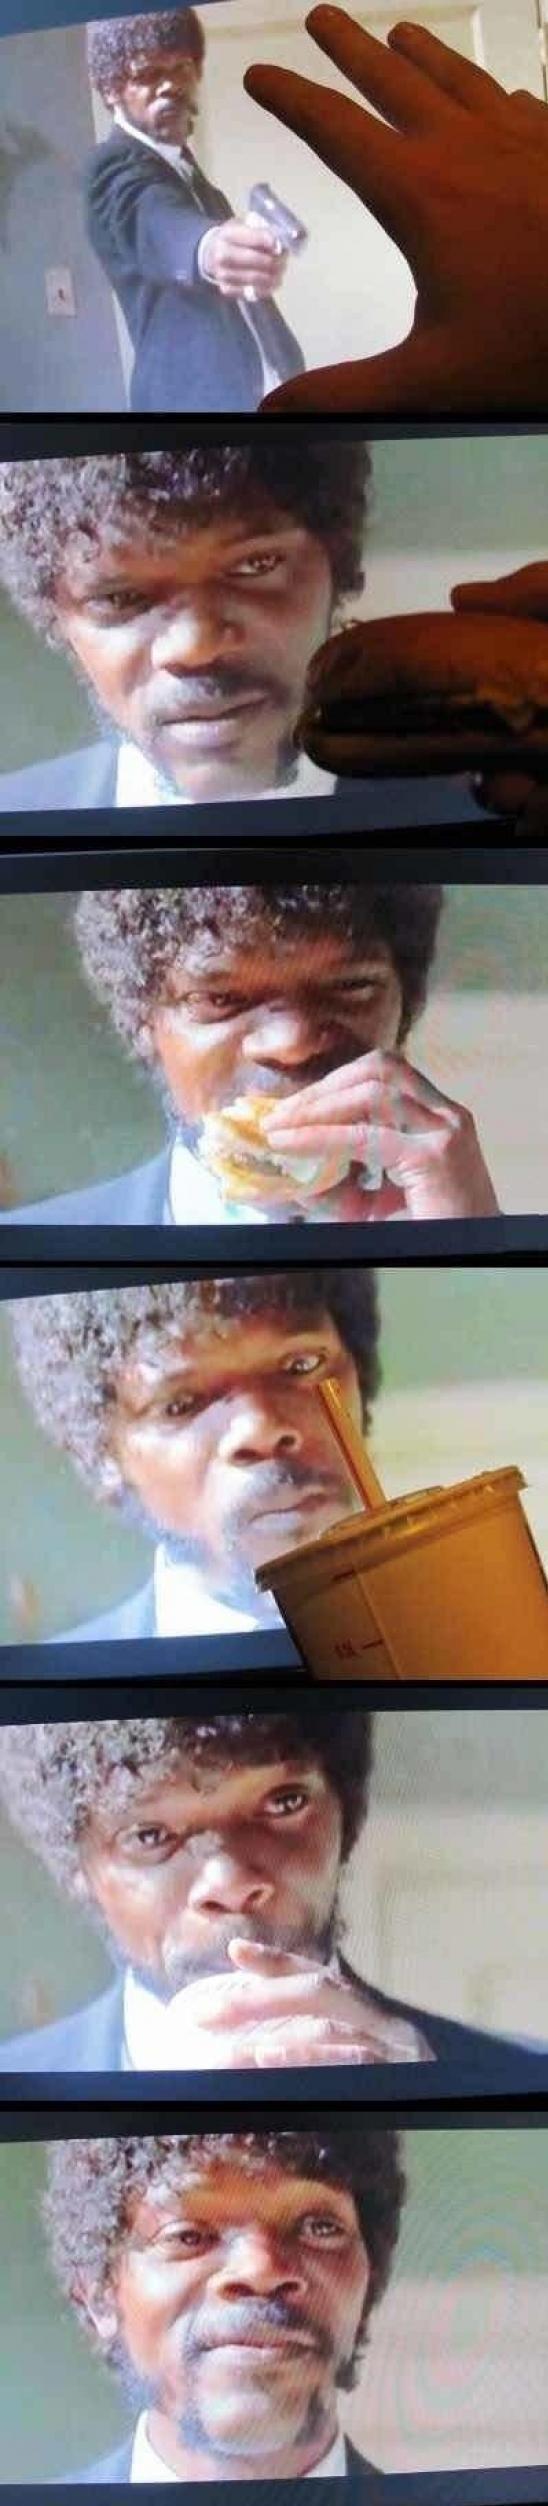 Прикол картинка бургер, выражение лица, кадр из фильма, смешная фотка